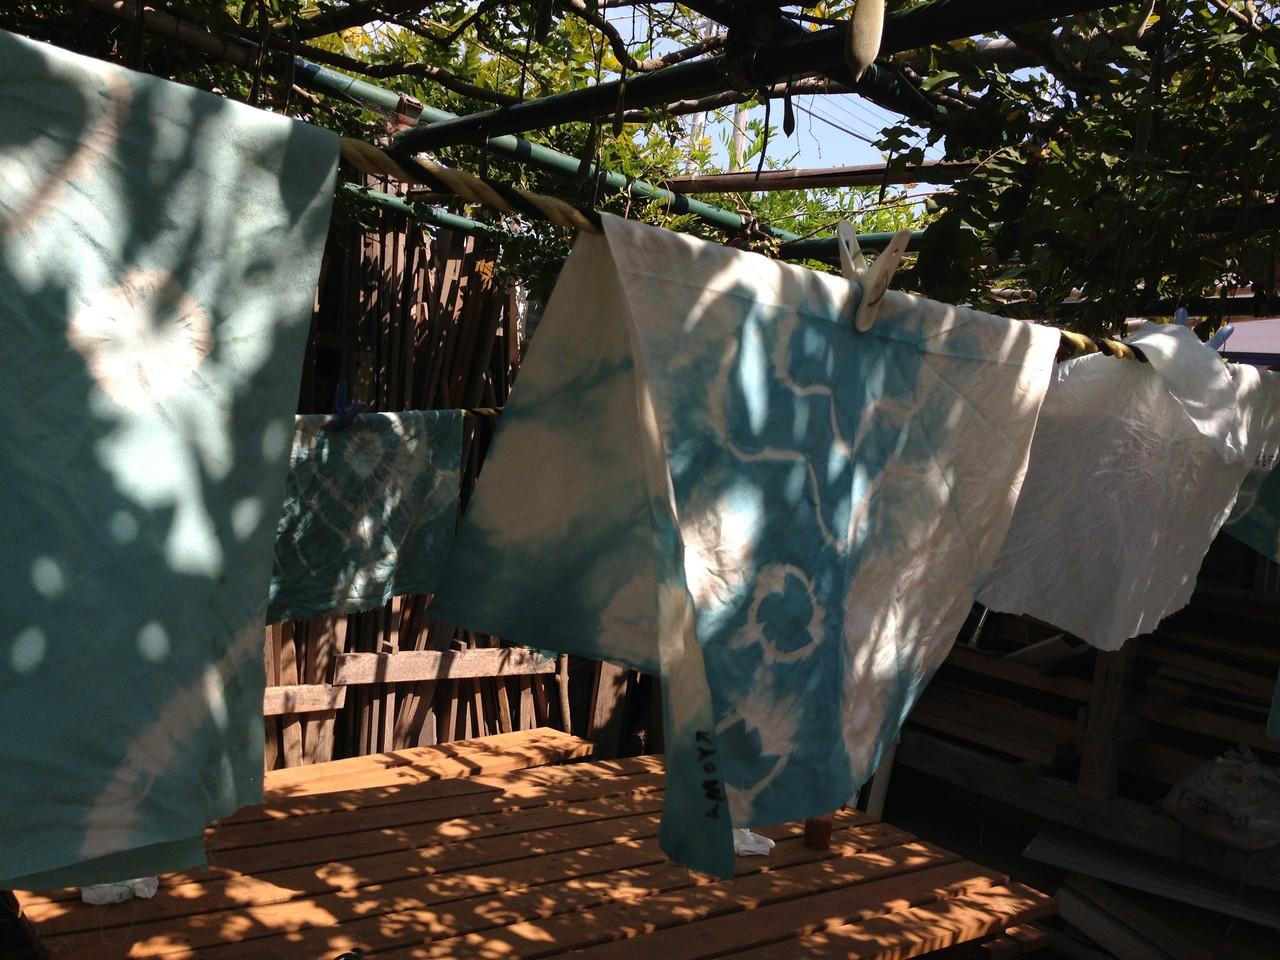 ほら、みんなの布が、いろんな青に染まっていてとっても個性あふれてステキ!